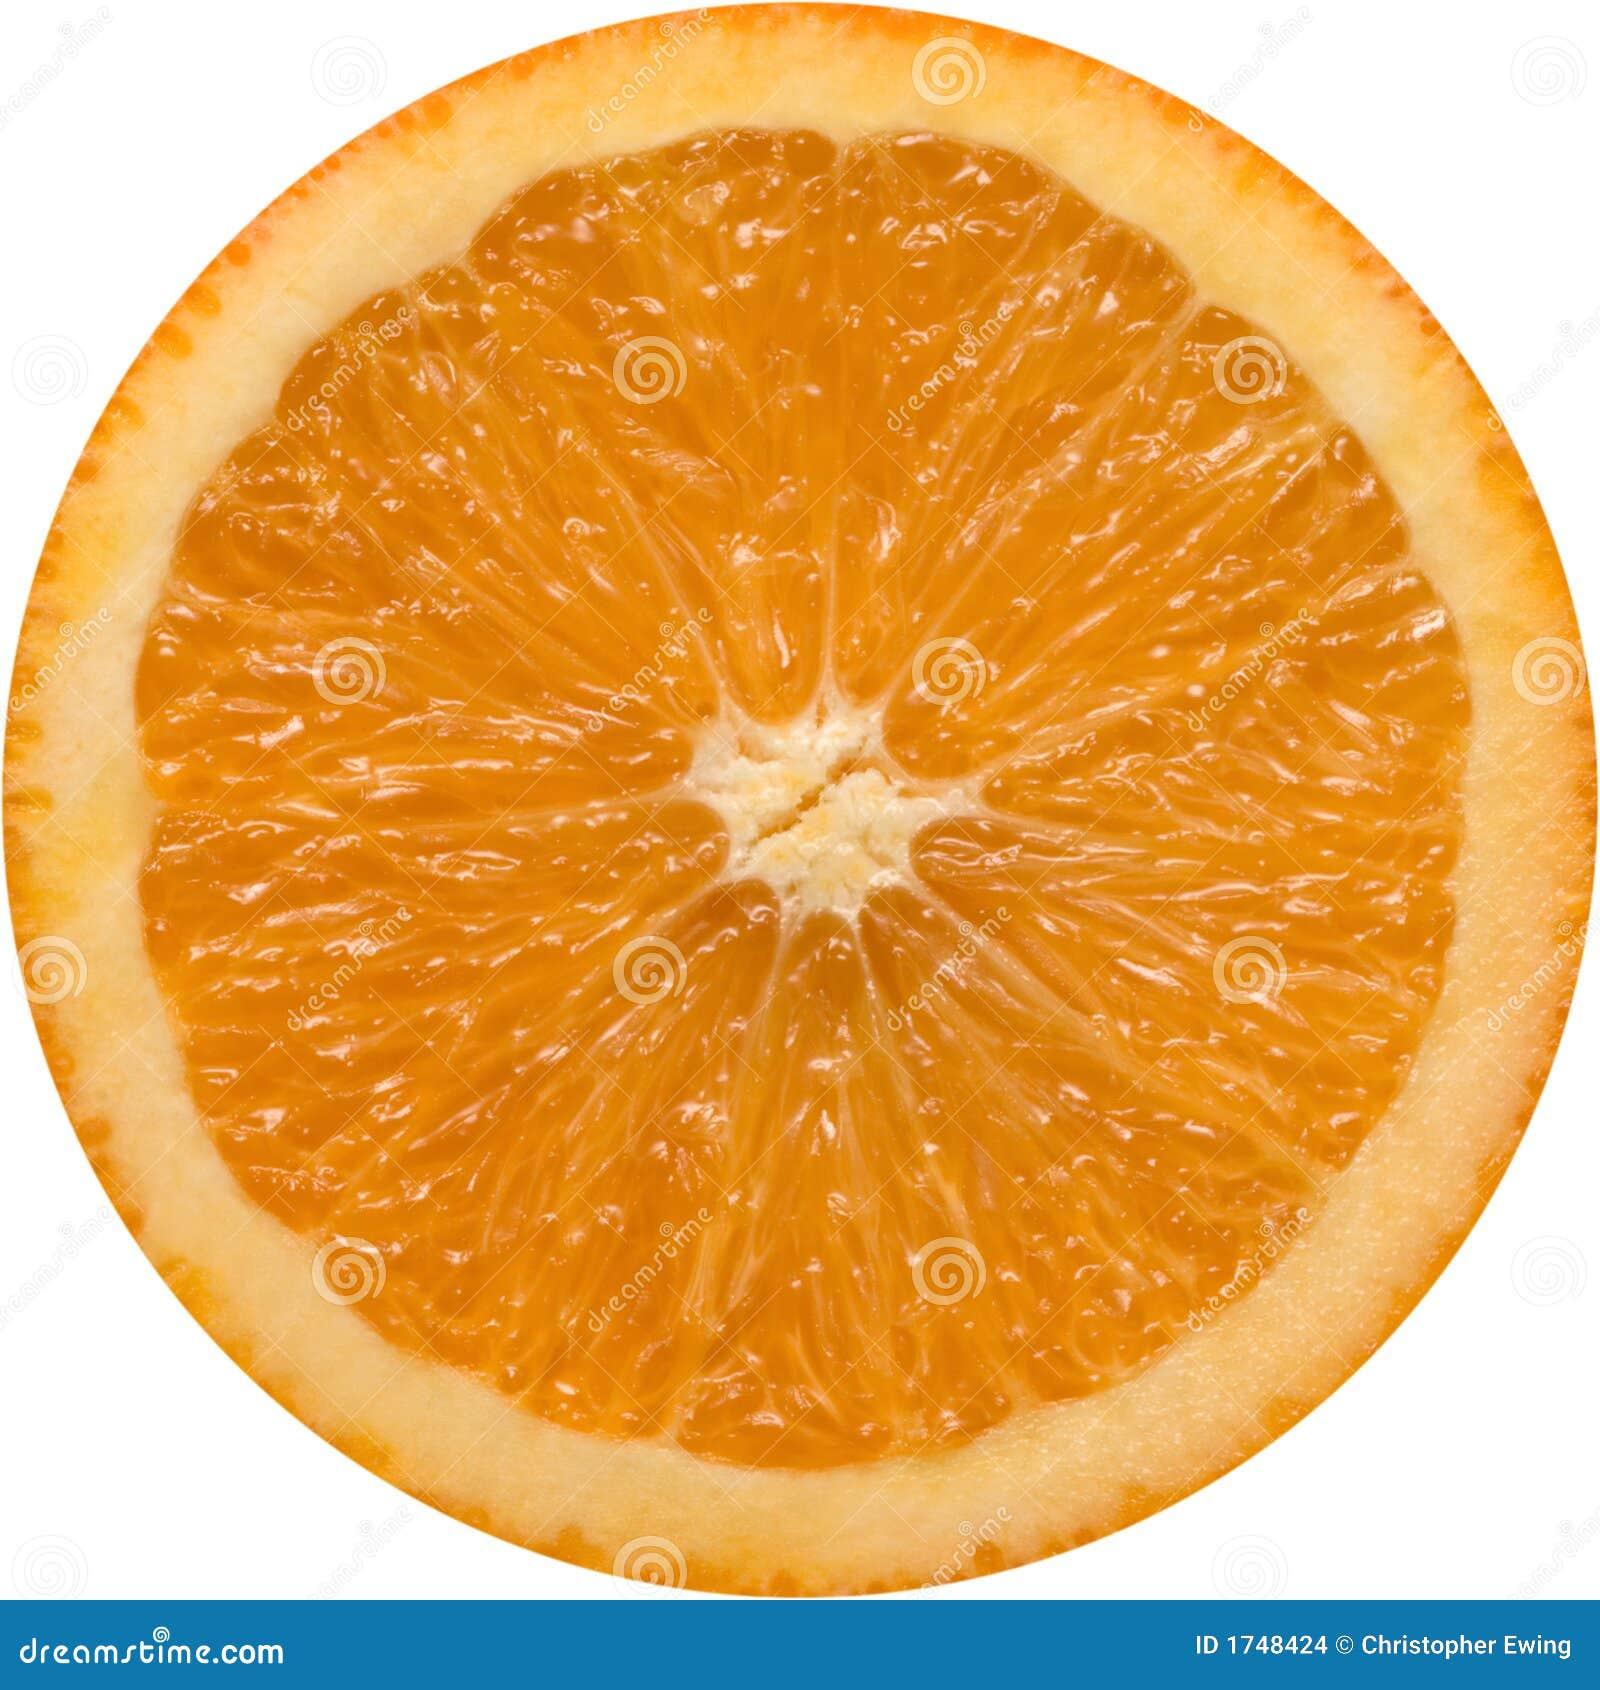 perfectly round orange slice isolated on a white background.